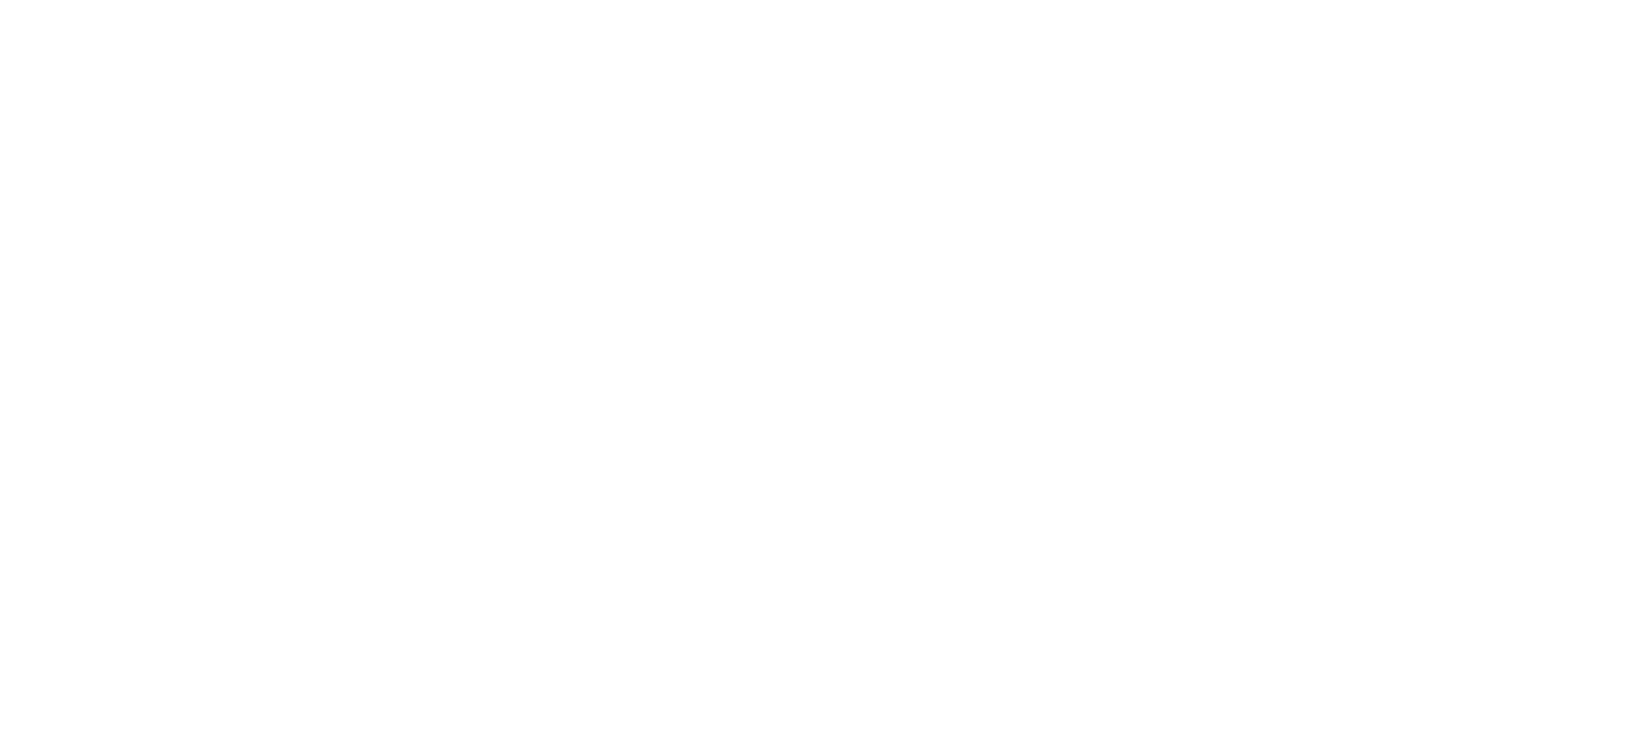 BIB-torch-1c-w-01-2